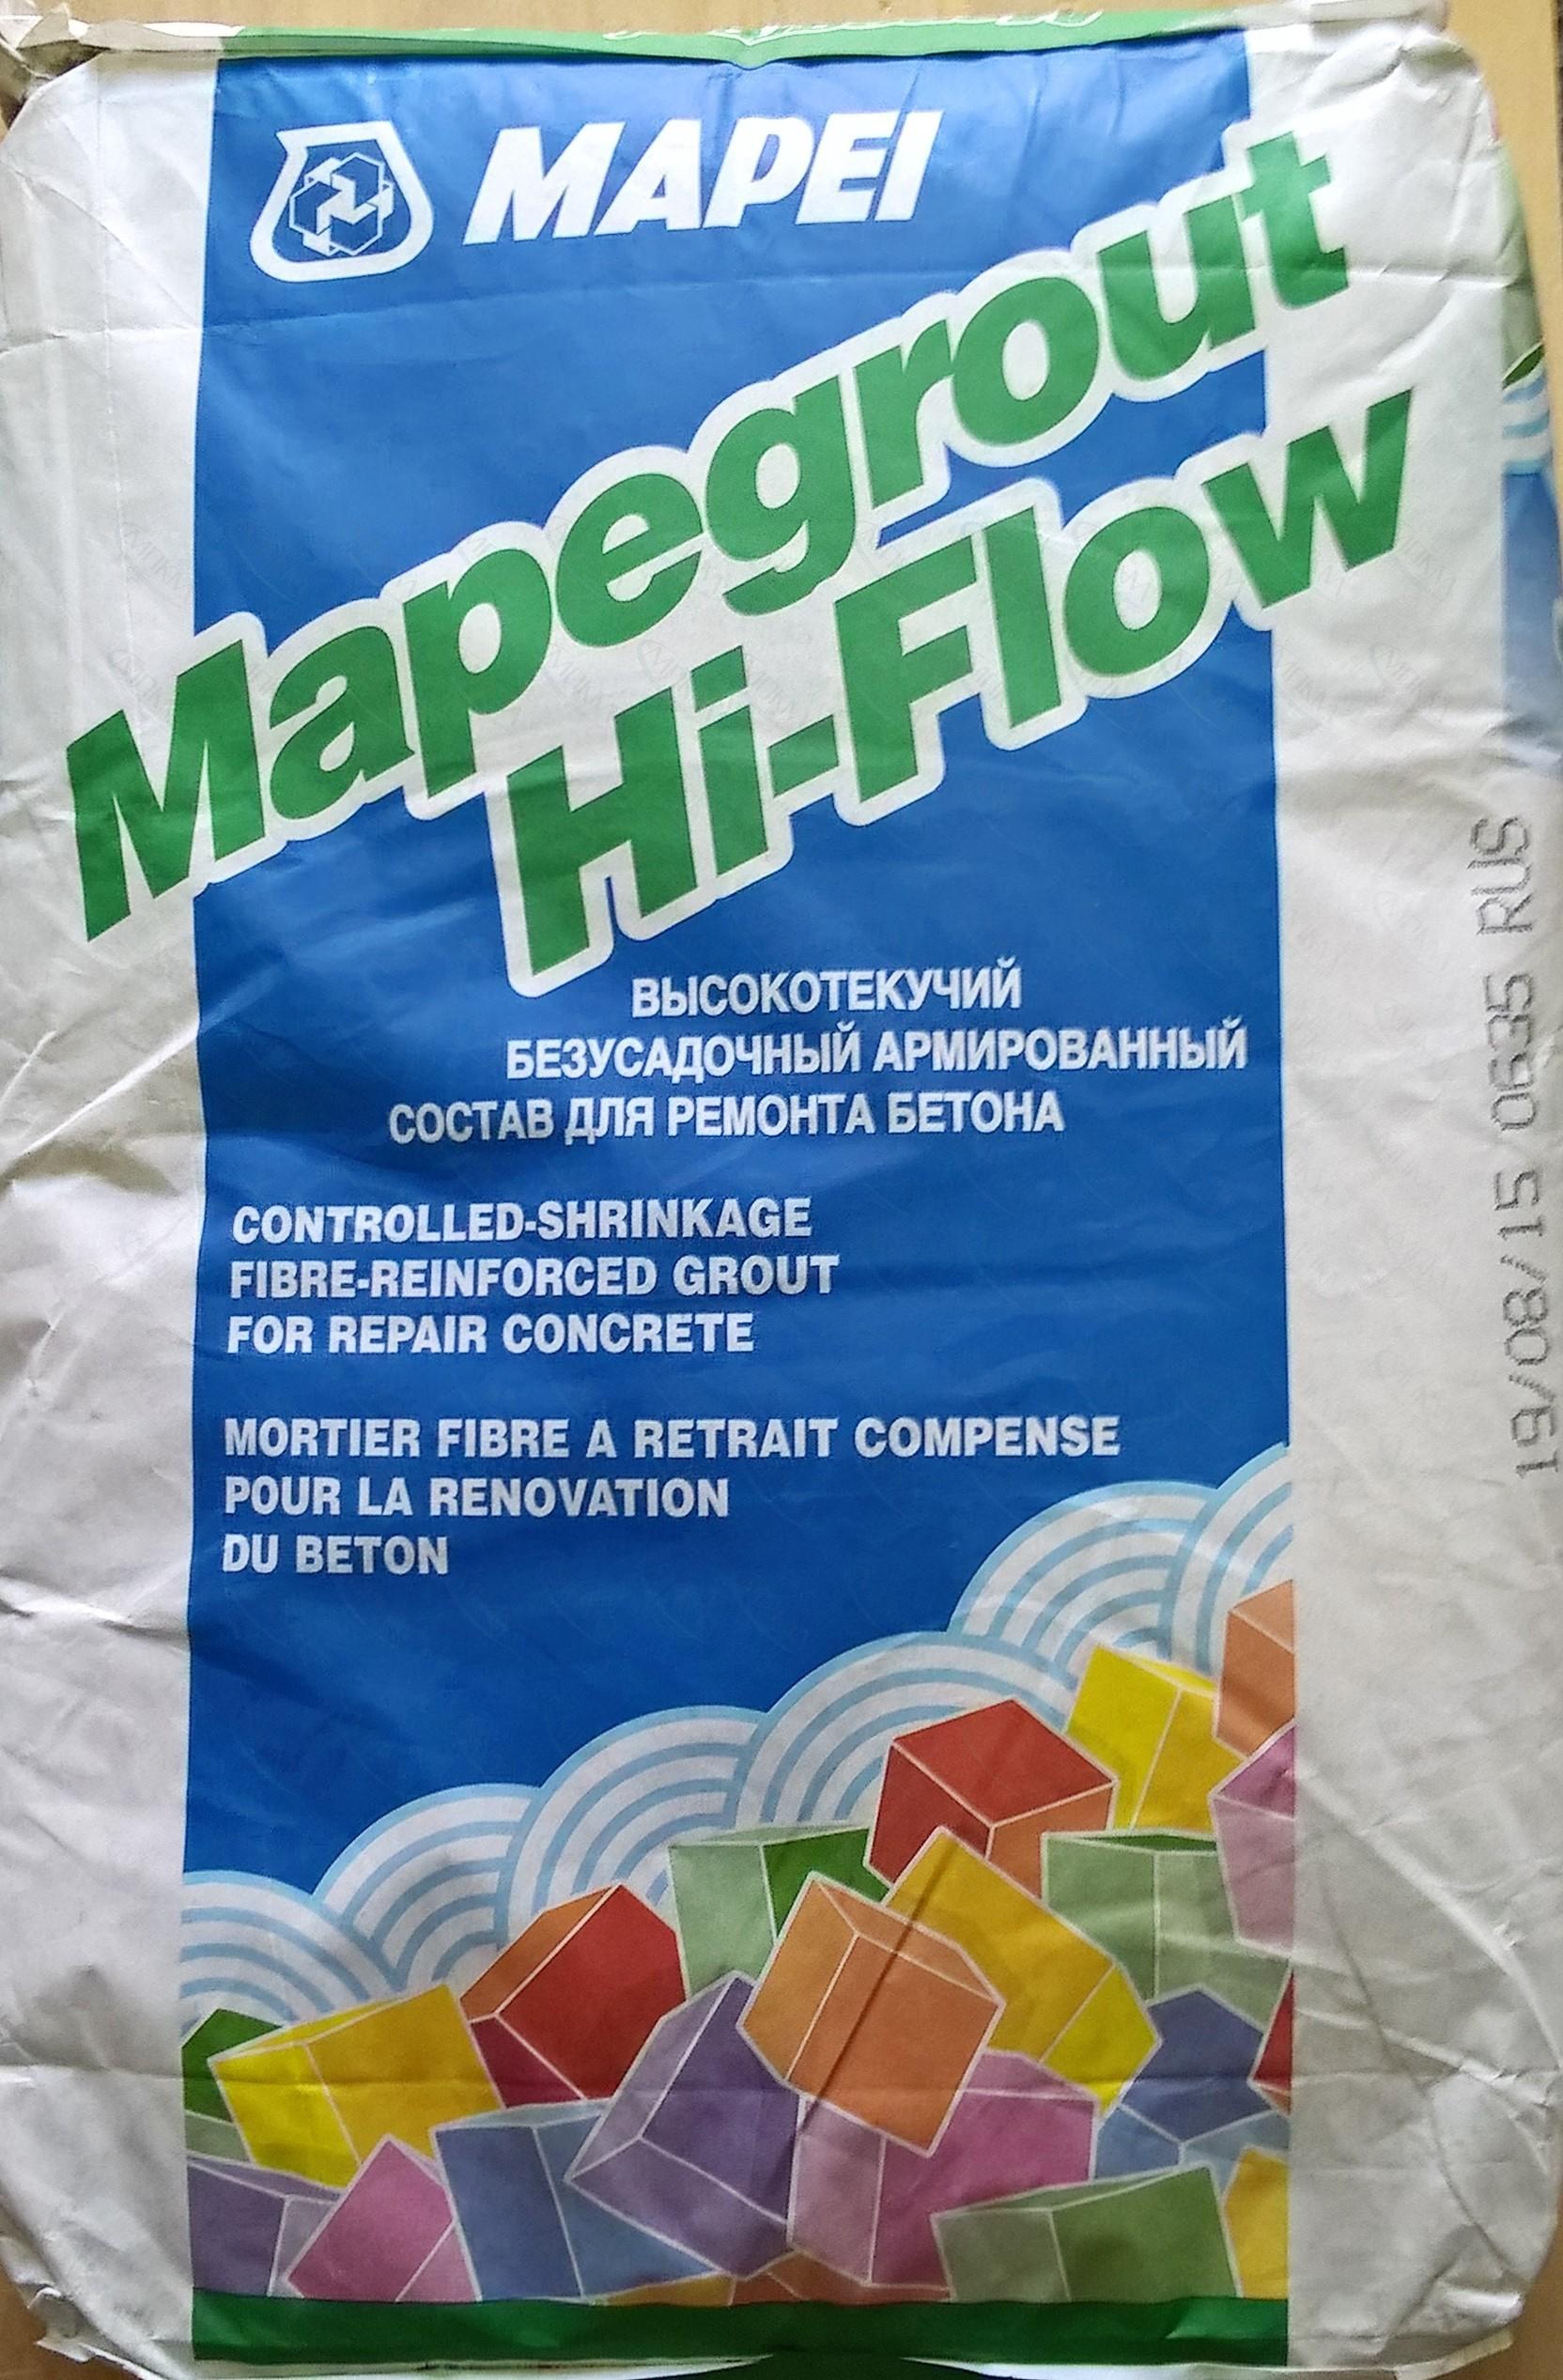 mapegrout hi flow ремонтный состав инструкция